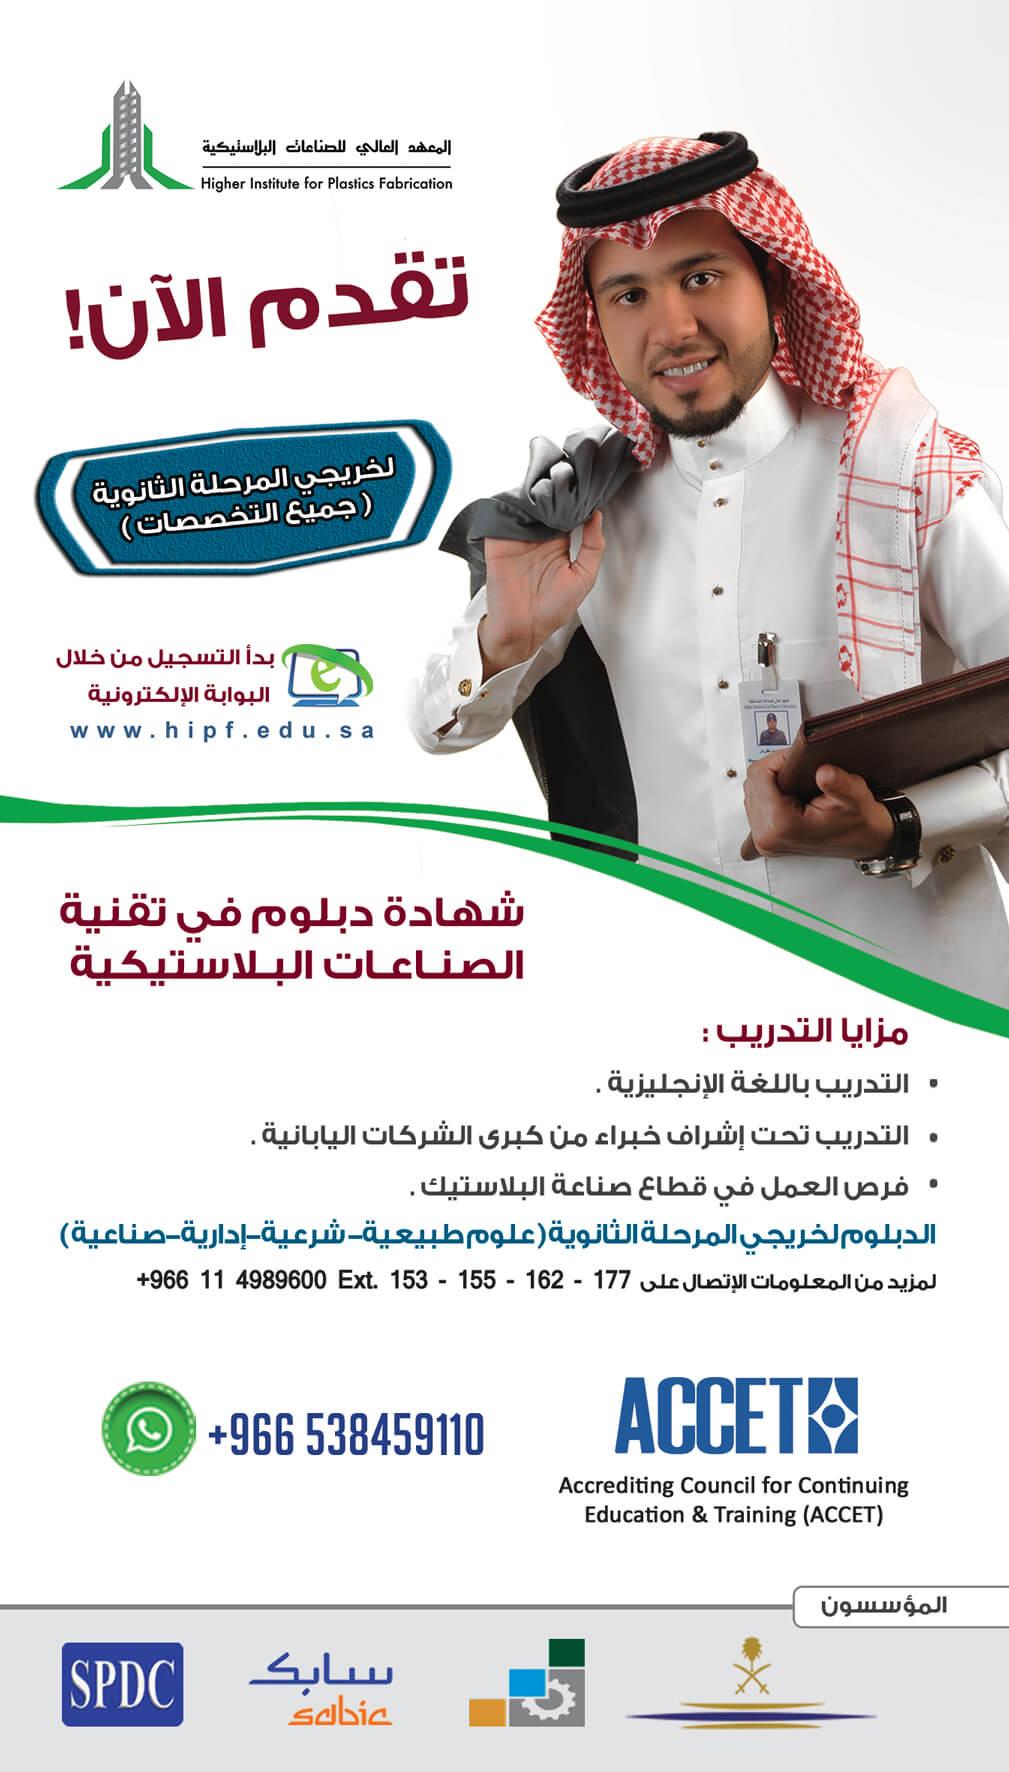 تدريب منتهي بالتوظيف في المعهد العالي للصناعات البلاستيكية - الرياض